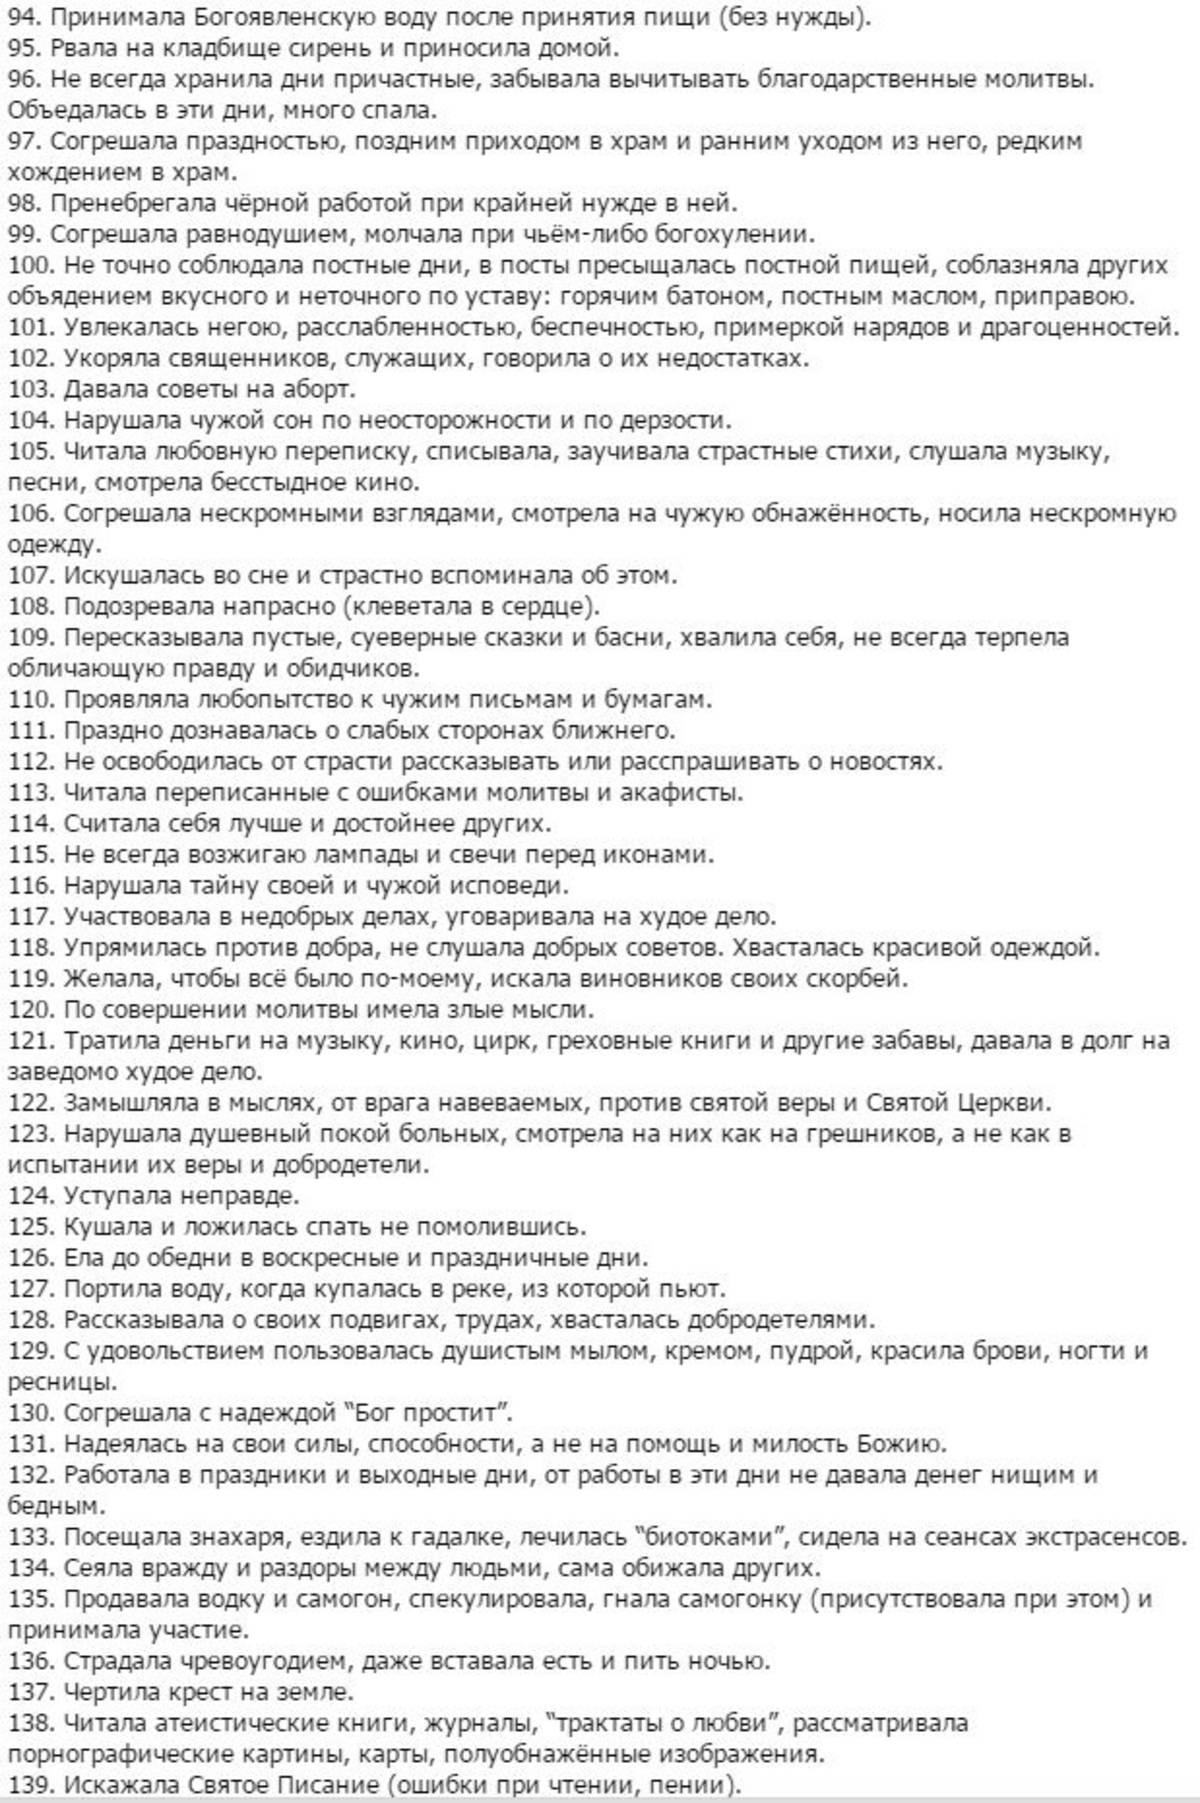 Cмертные грехи в православии: сколько их?